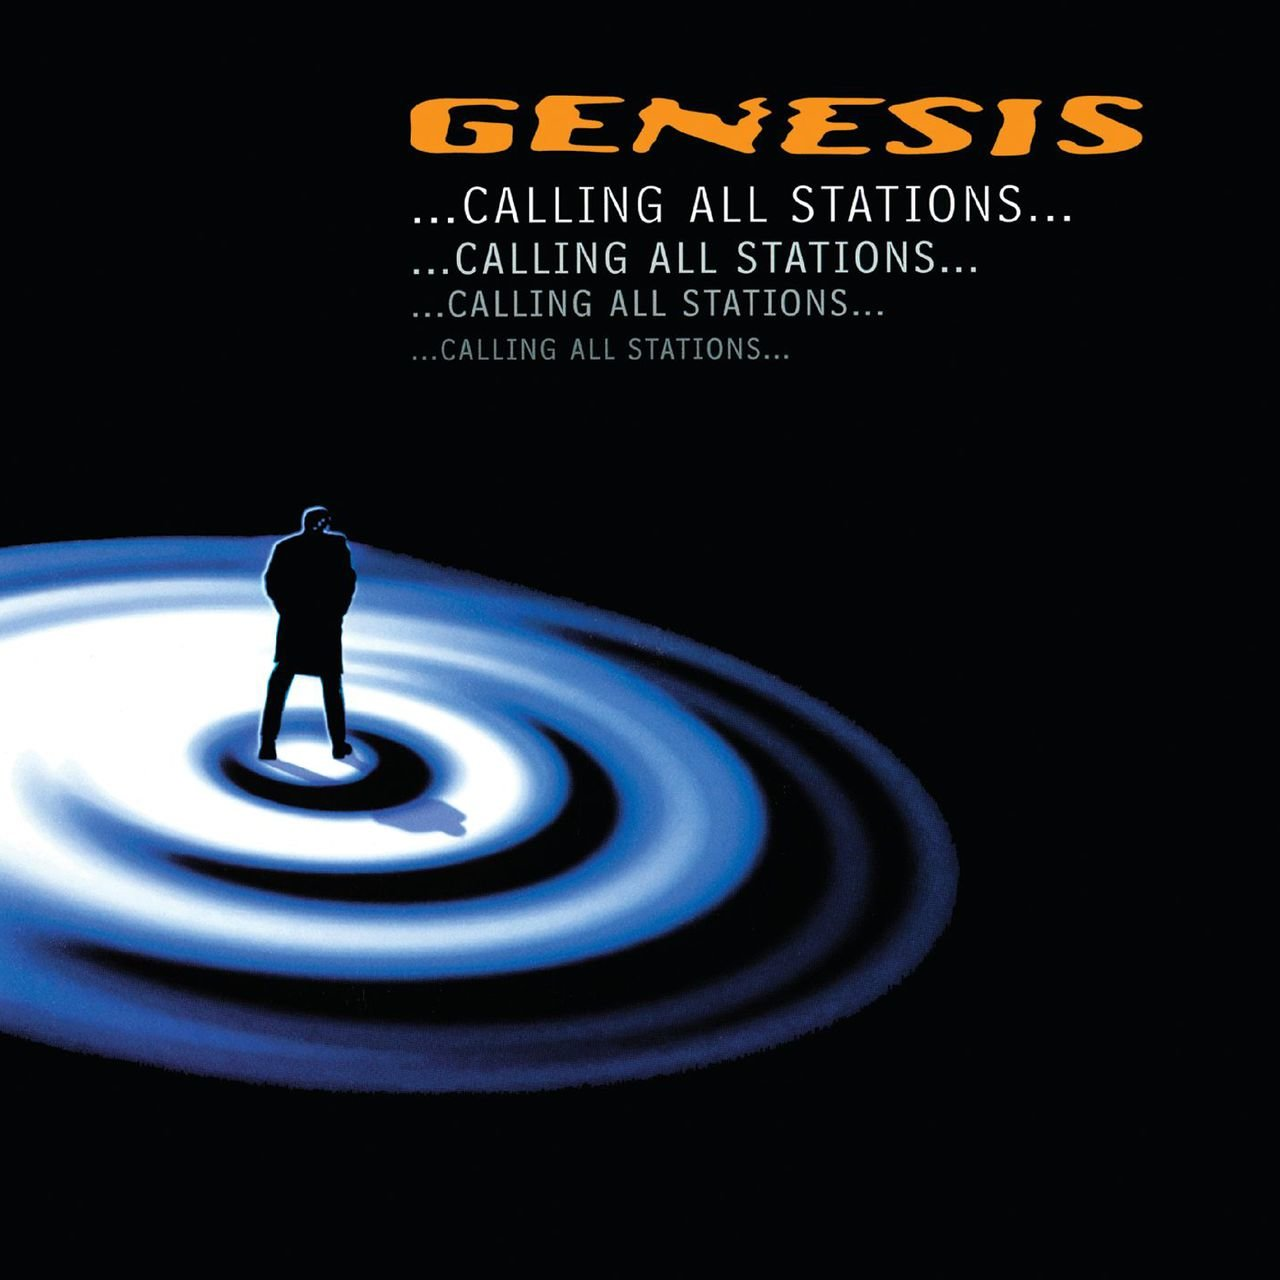 Genesis. Calling All Stations (2 LP)Представляем вашему вниманию альбом Genesis. Calling All Stations, пятнадцатый и последний студийный альбом британской прогрок-группы Genesis, изданный на виниле.<br>